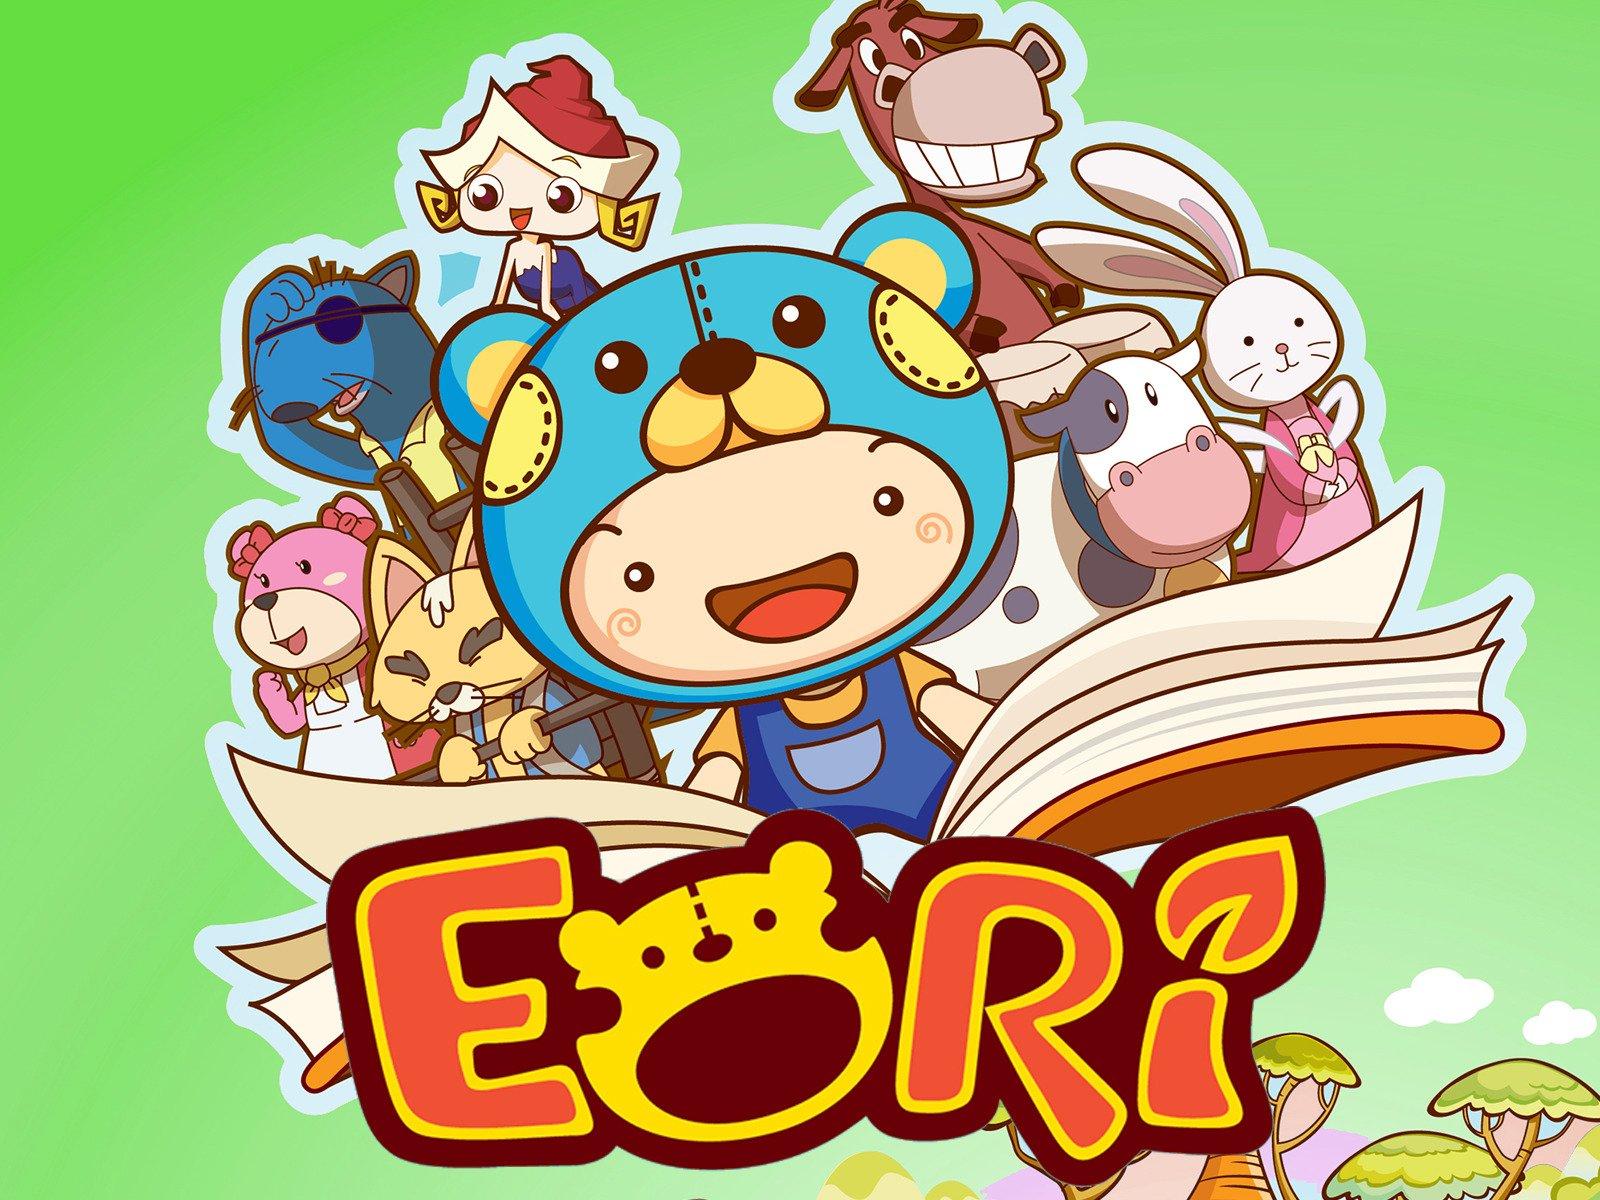 Eori - Season 3